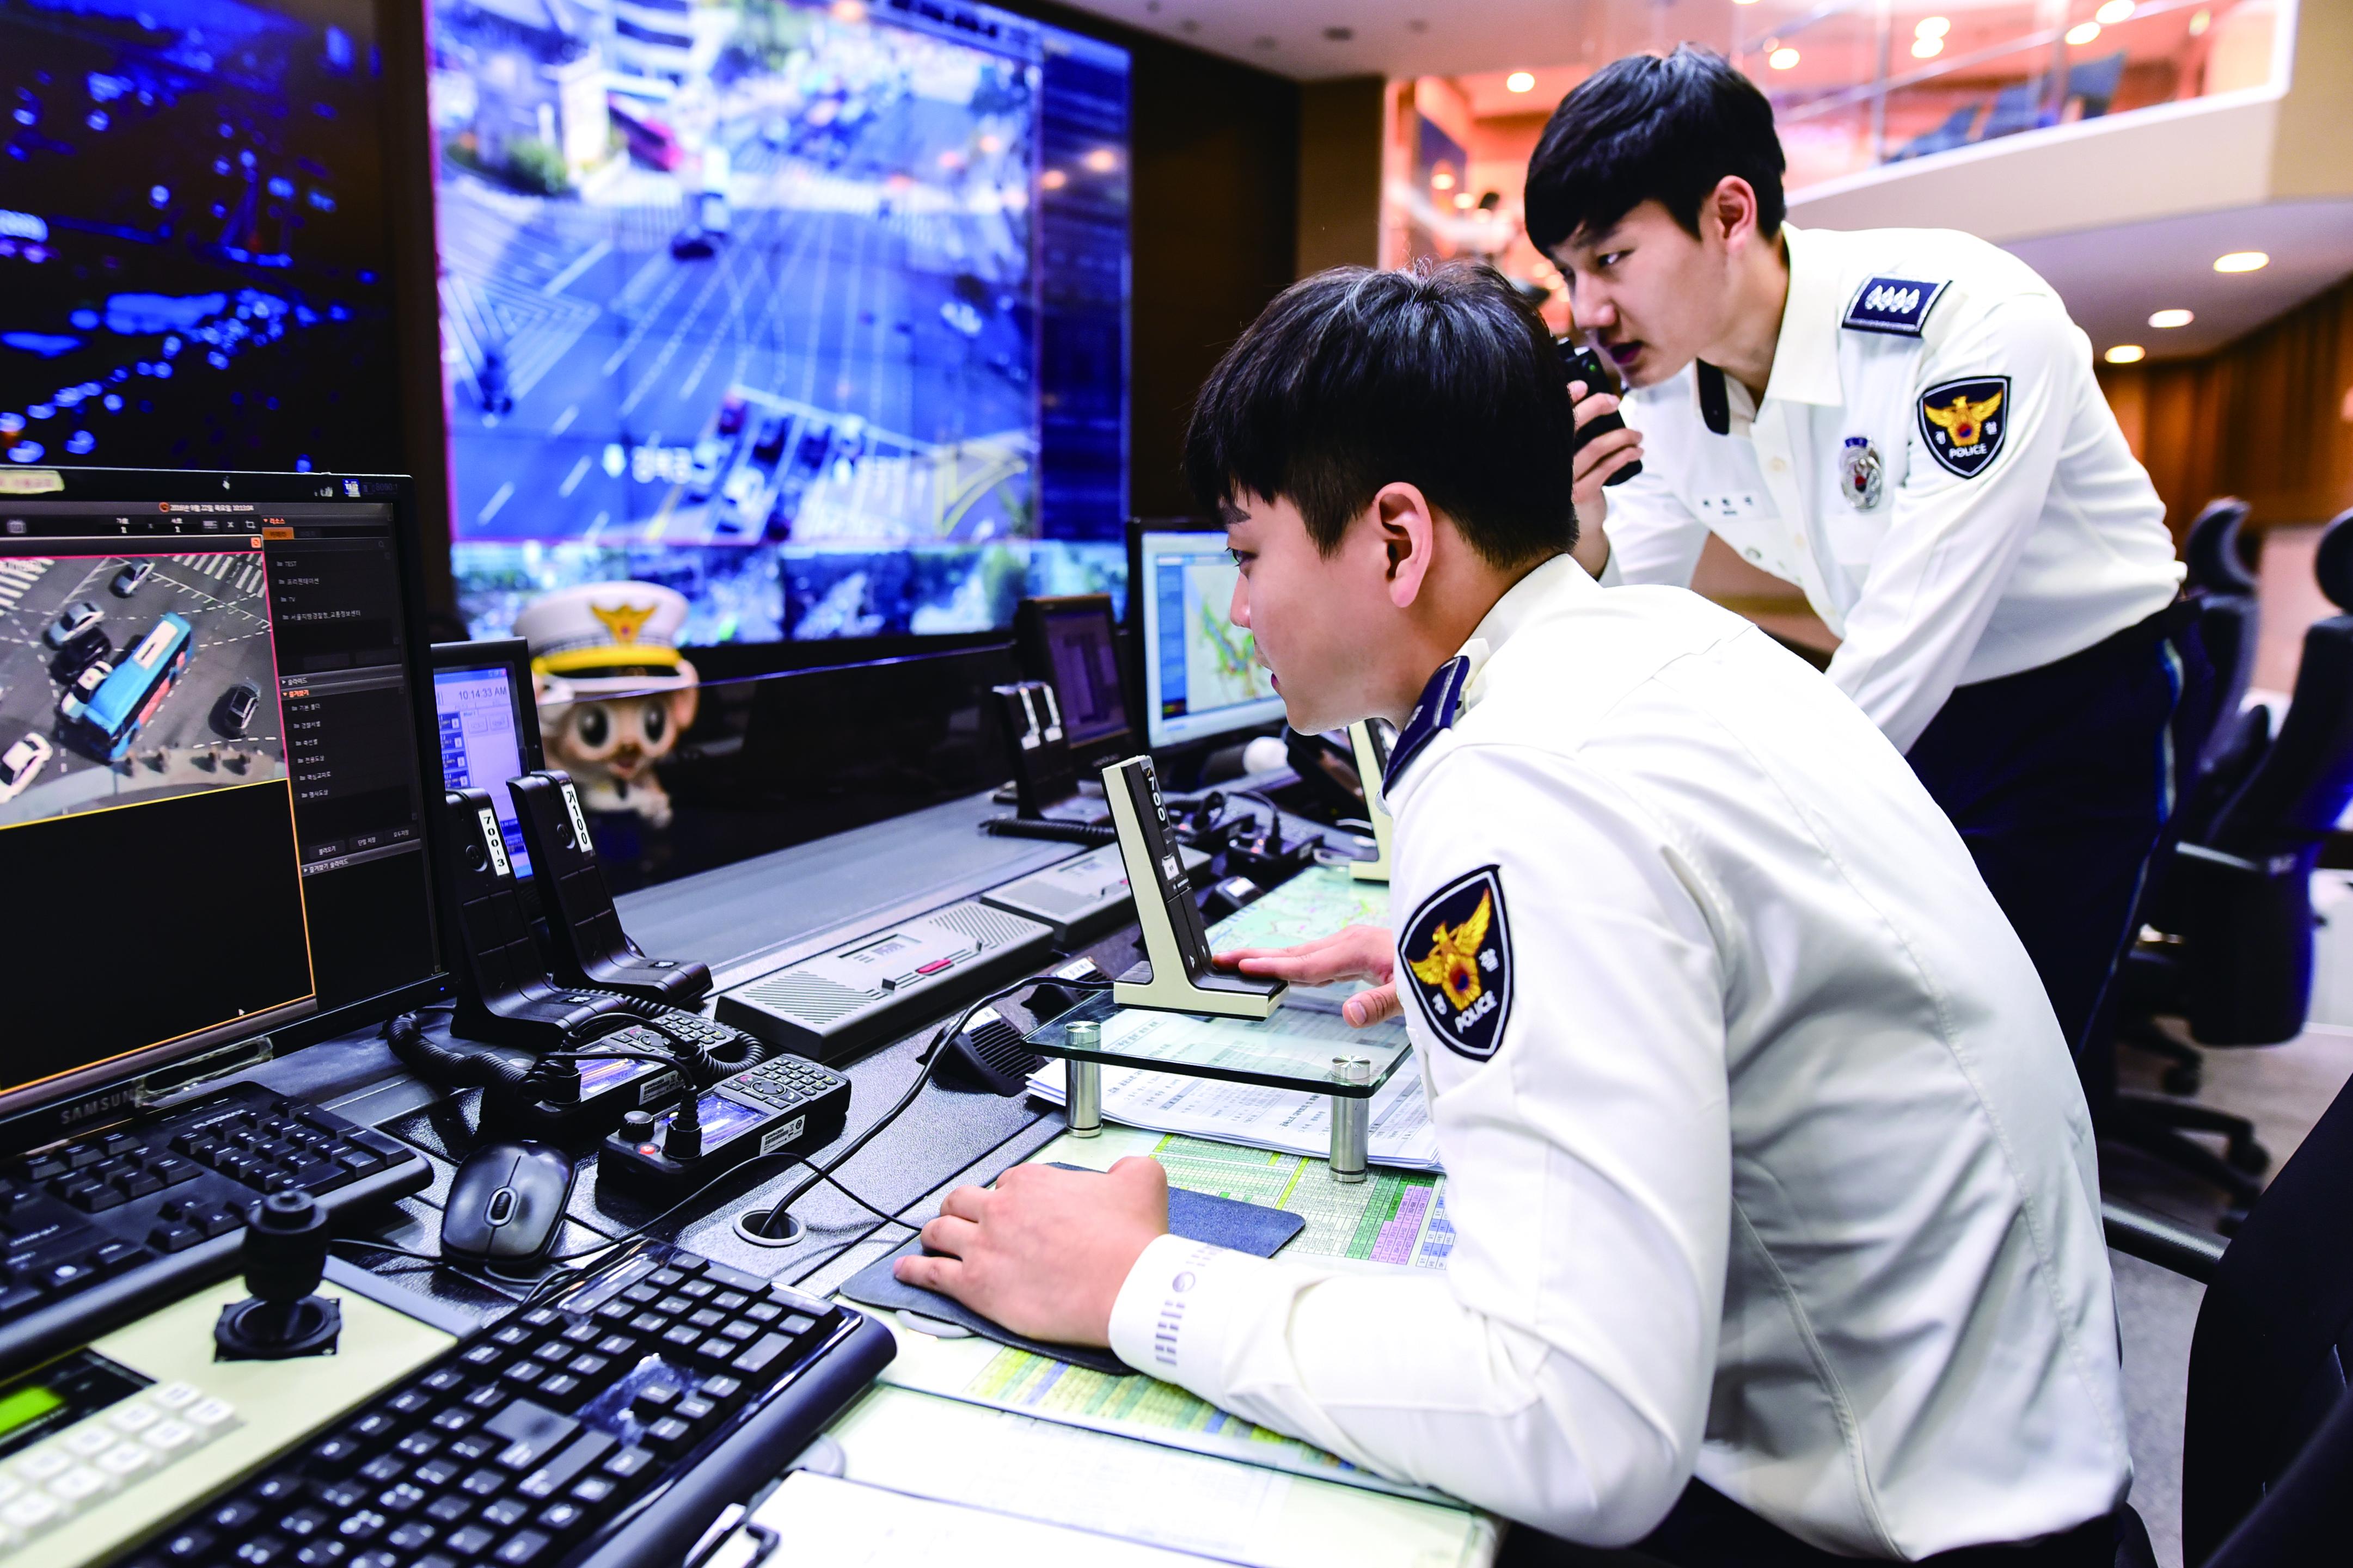 [교통상황실] 경찰서에는 교통 상황을 한눈에 볼 수 있는 교통관제센터가 있습니다.